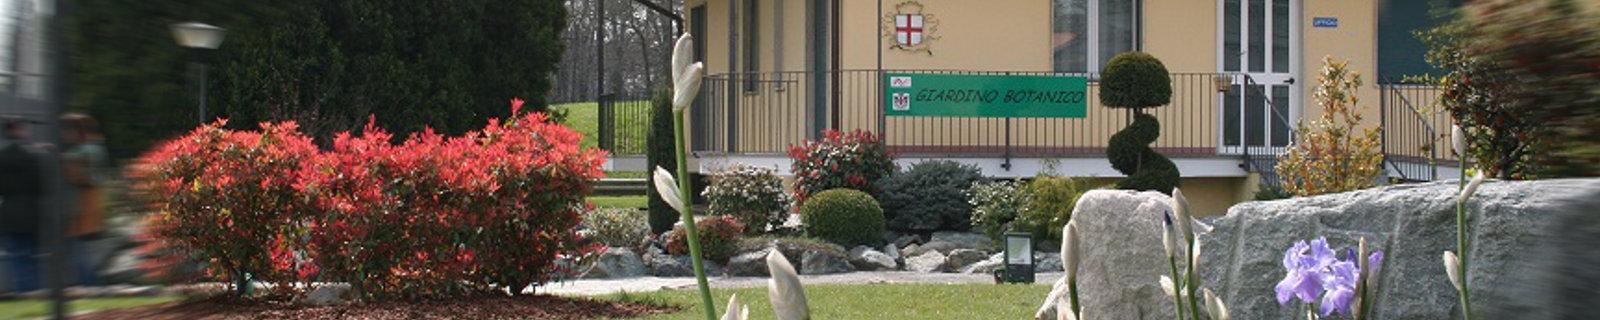 """Immagine di testata: ingresso del Giardino Botanico """"Dina Bellotti"""""""